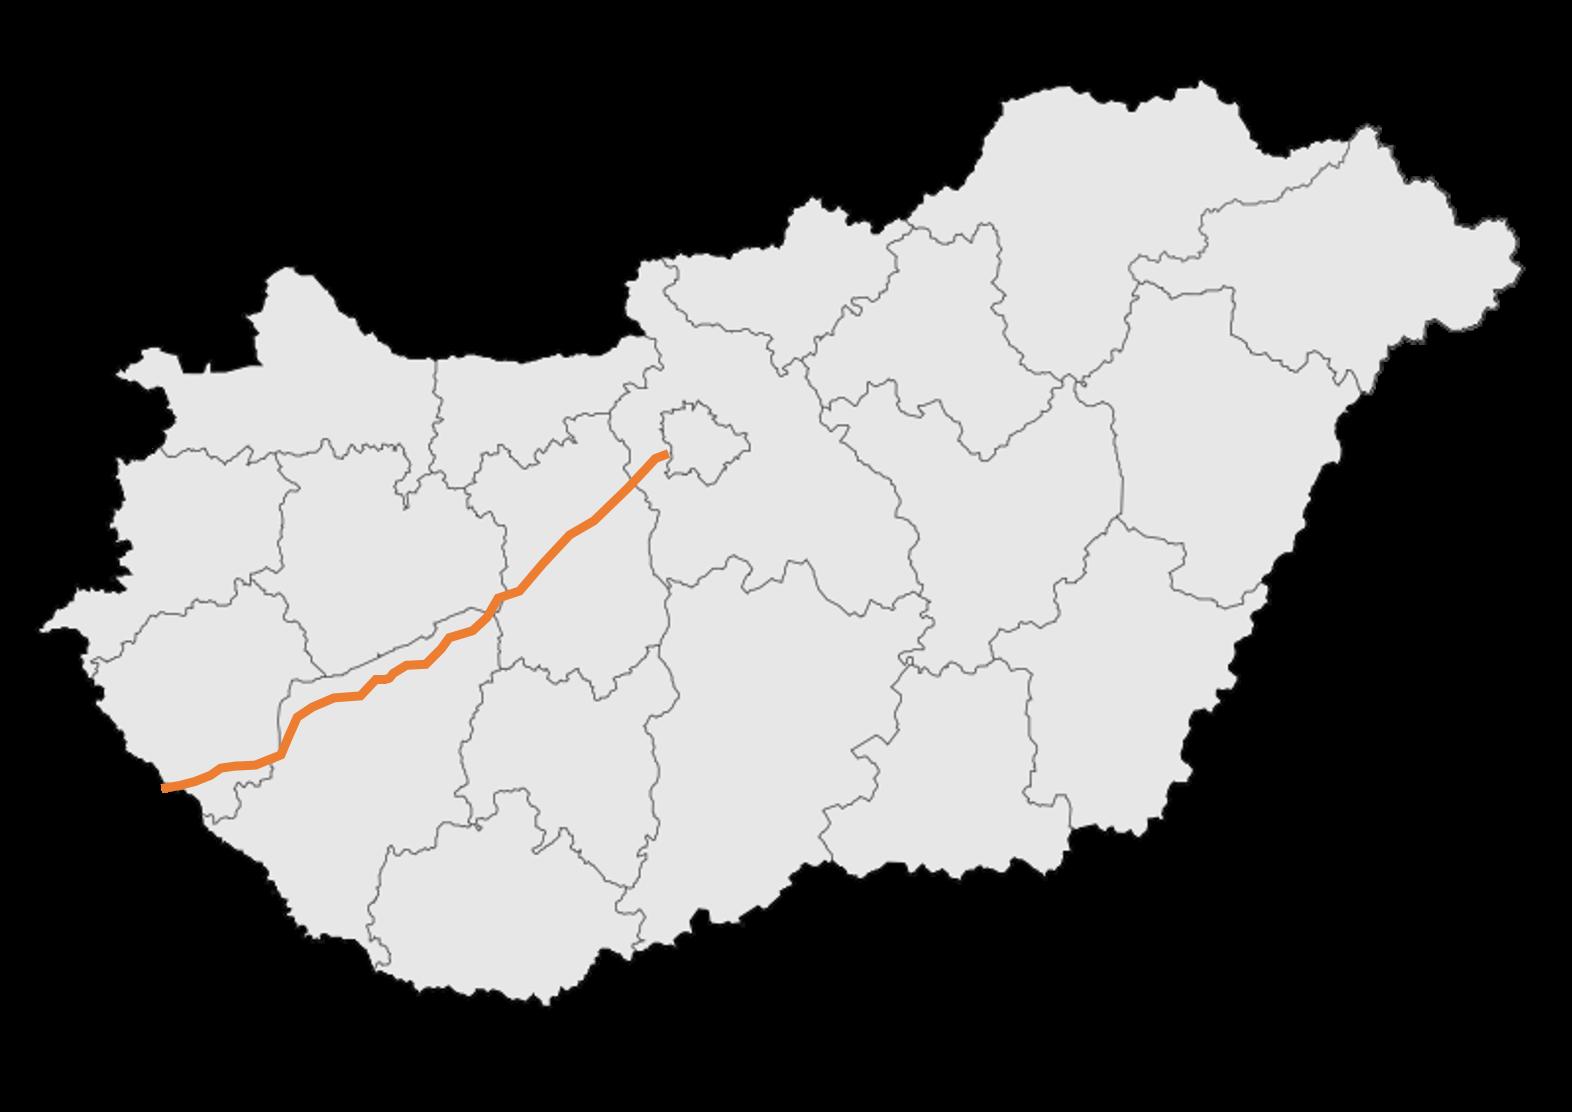 autópálya térkép File:M7 autópálya   térkép.png   Wikimedia Commons autópálya térkép